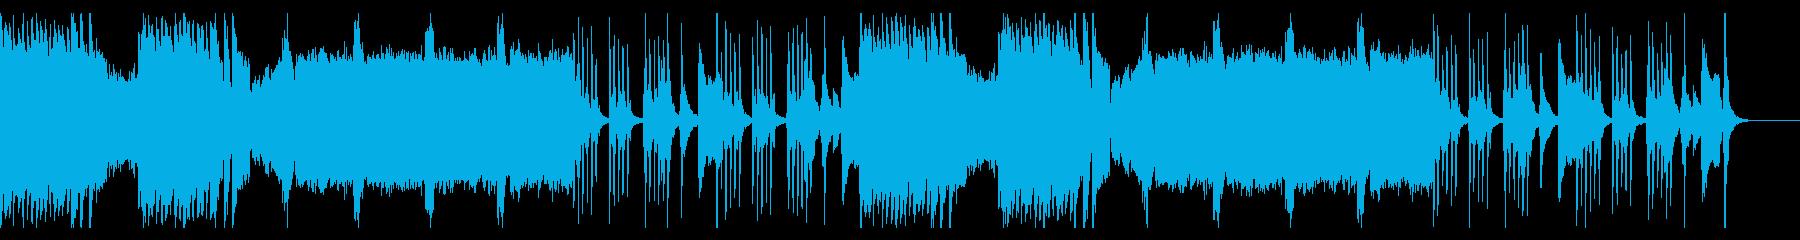 ダークでゆっくり、ハロウィンのムードの再生済みの波形